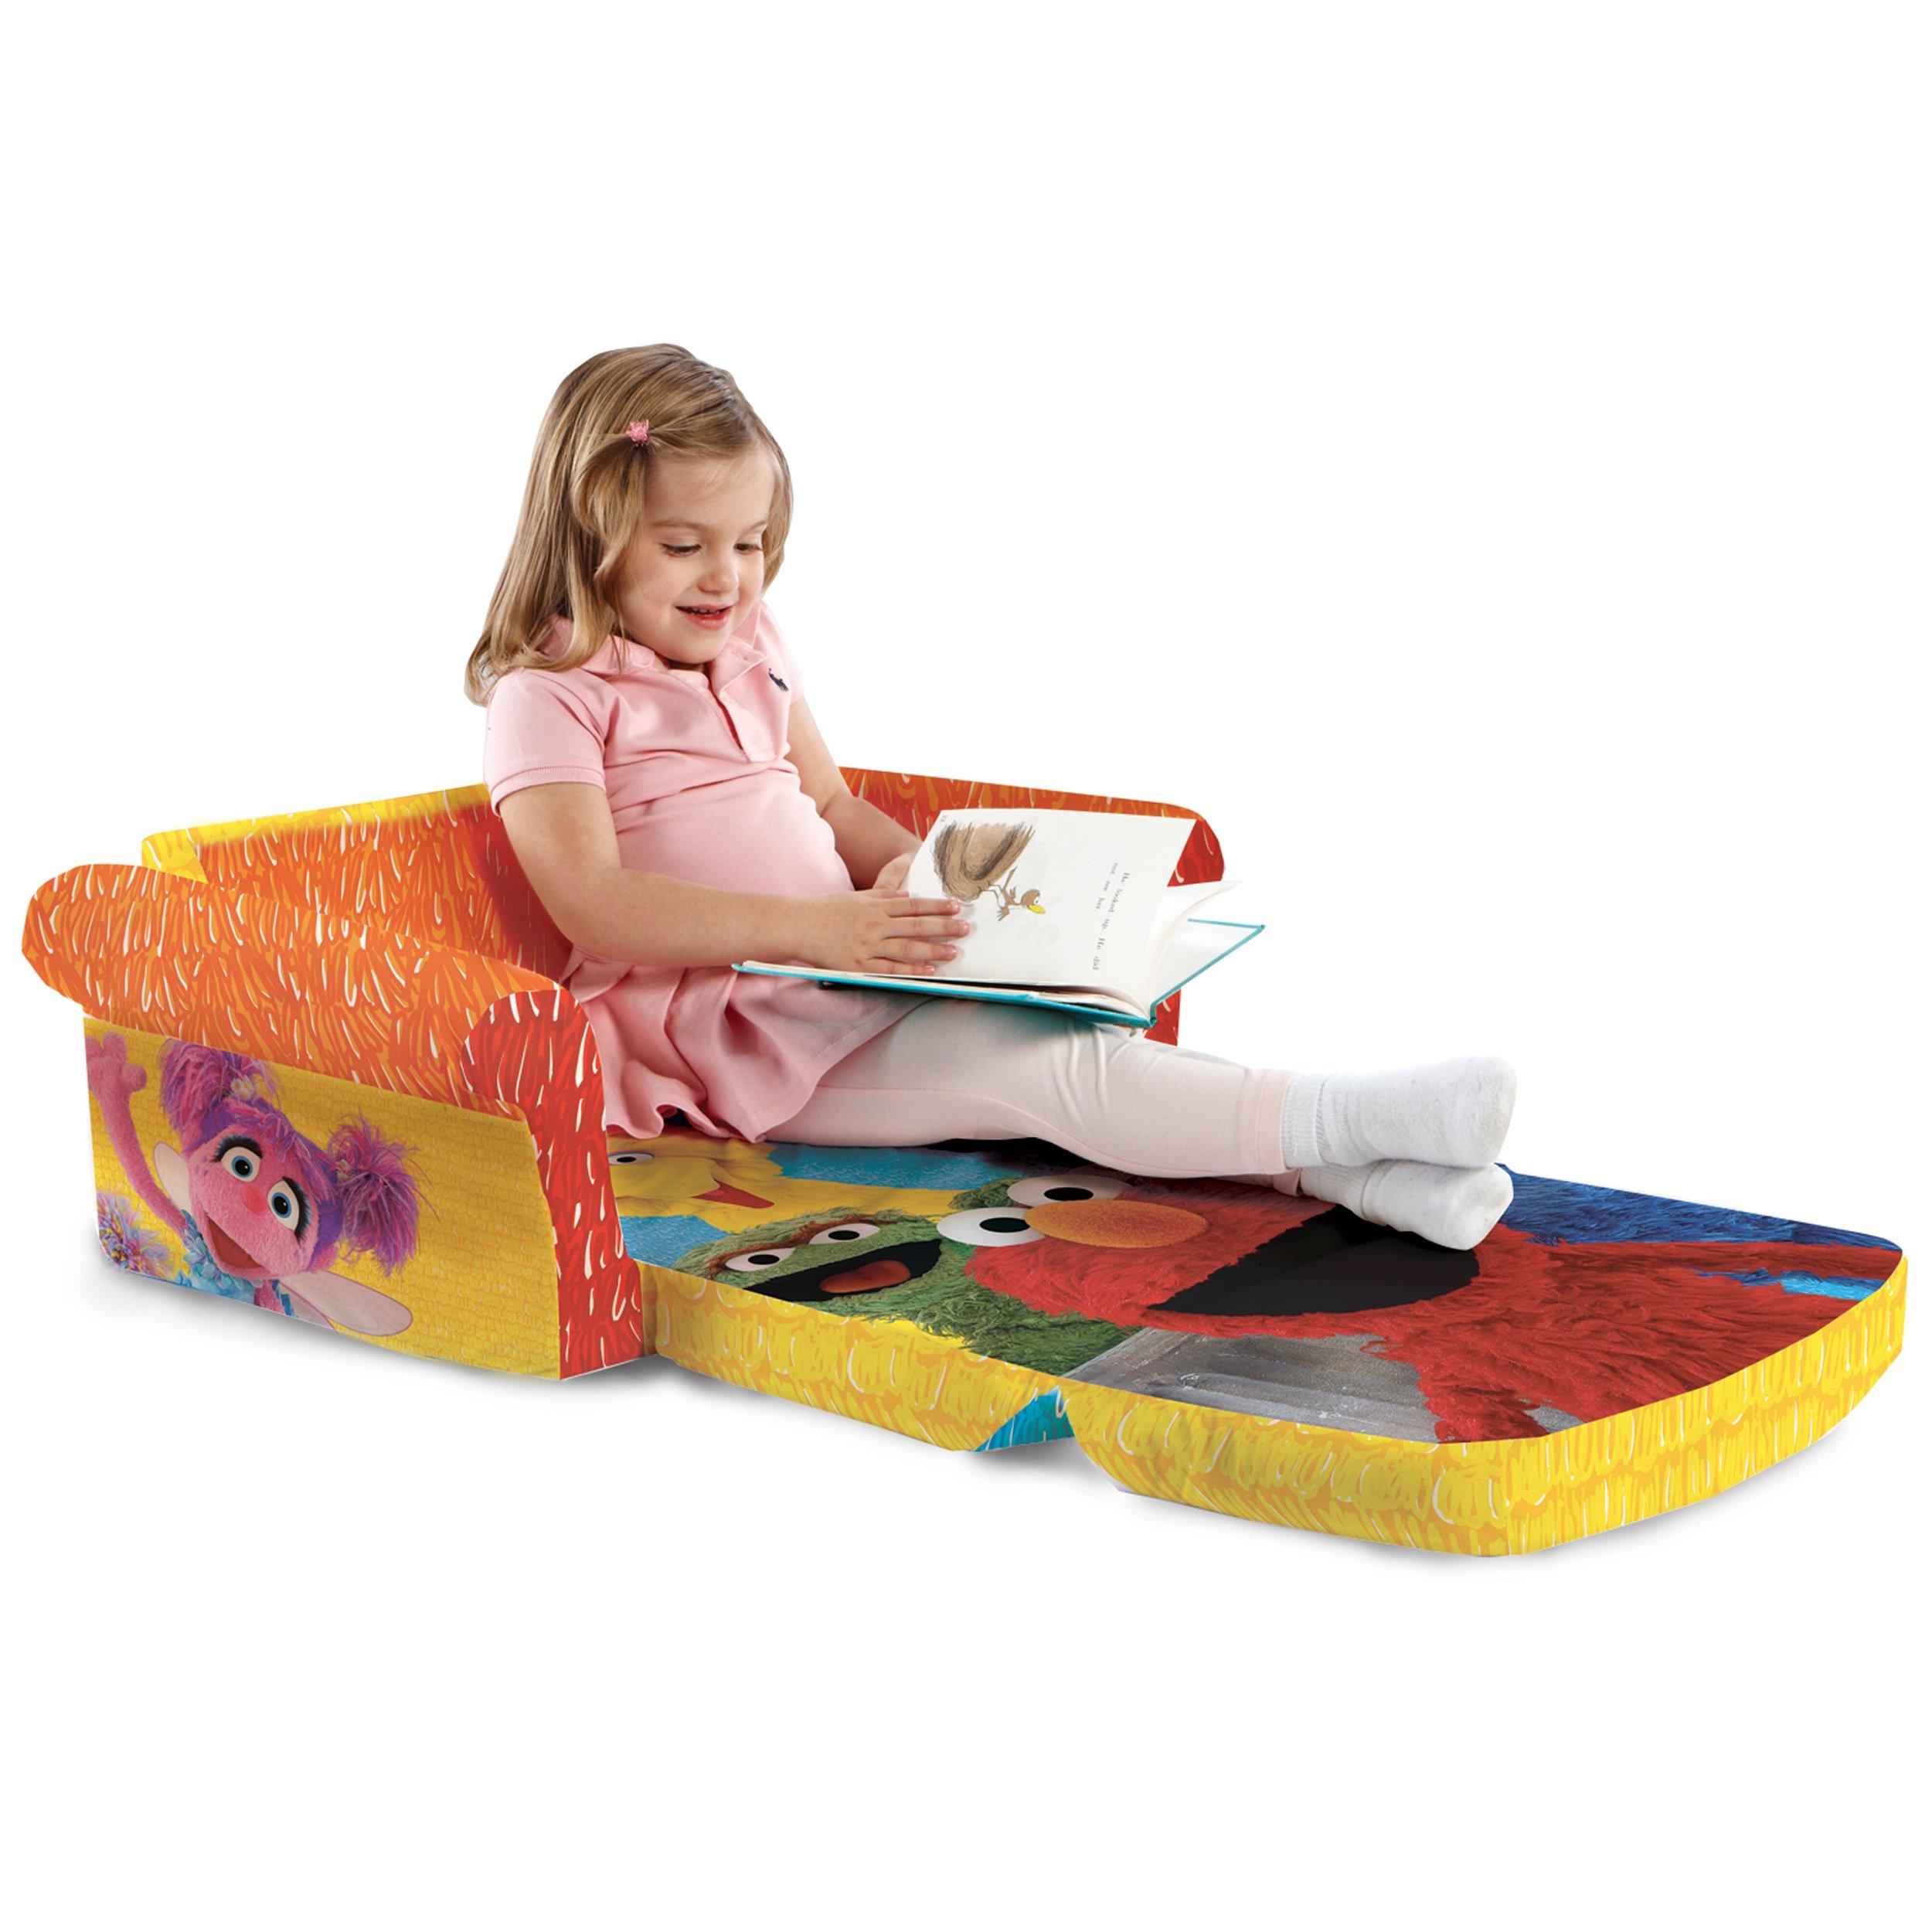 Marshmallow Furniture, Children's 2 in 1 Flip Open Foam Sofa, Sesame Street's Elmo/Sesame, by Spin Master by Marshmallow Furniture (Image #7)